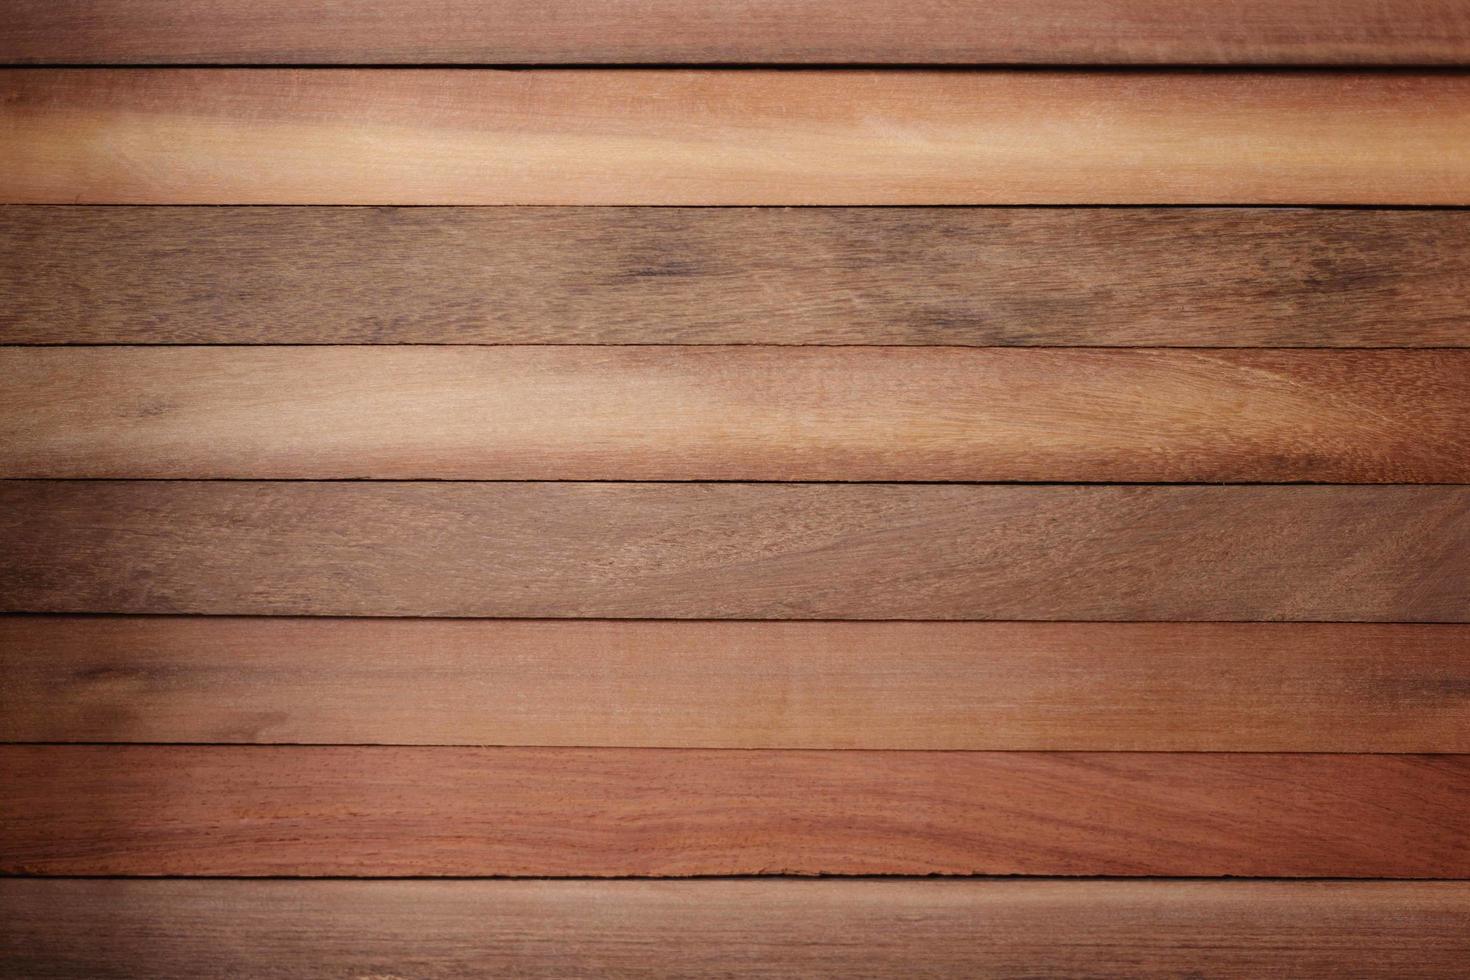 Top view of natural hardwood floor photo